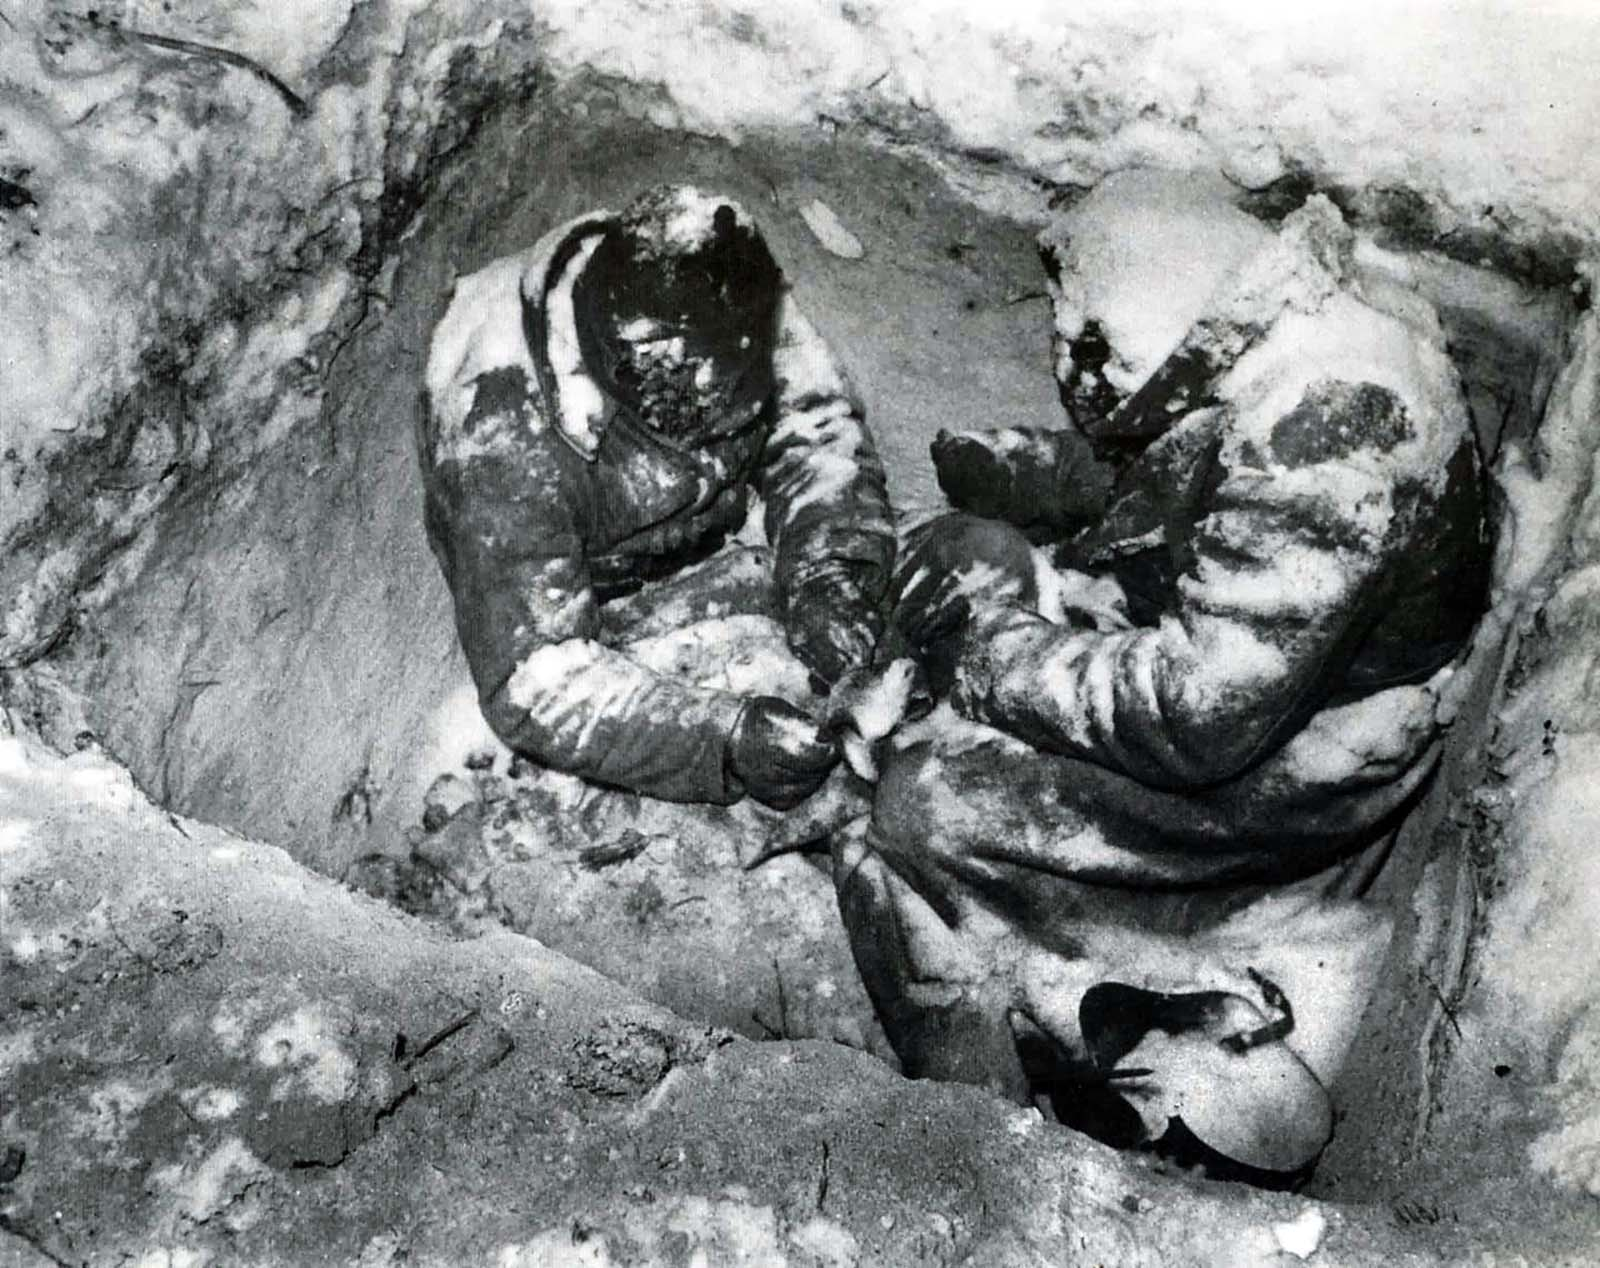 جنديان سوفيتيان تجمدا خلال حرب الشتاء